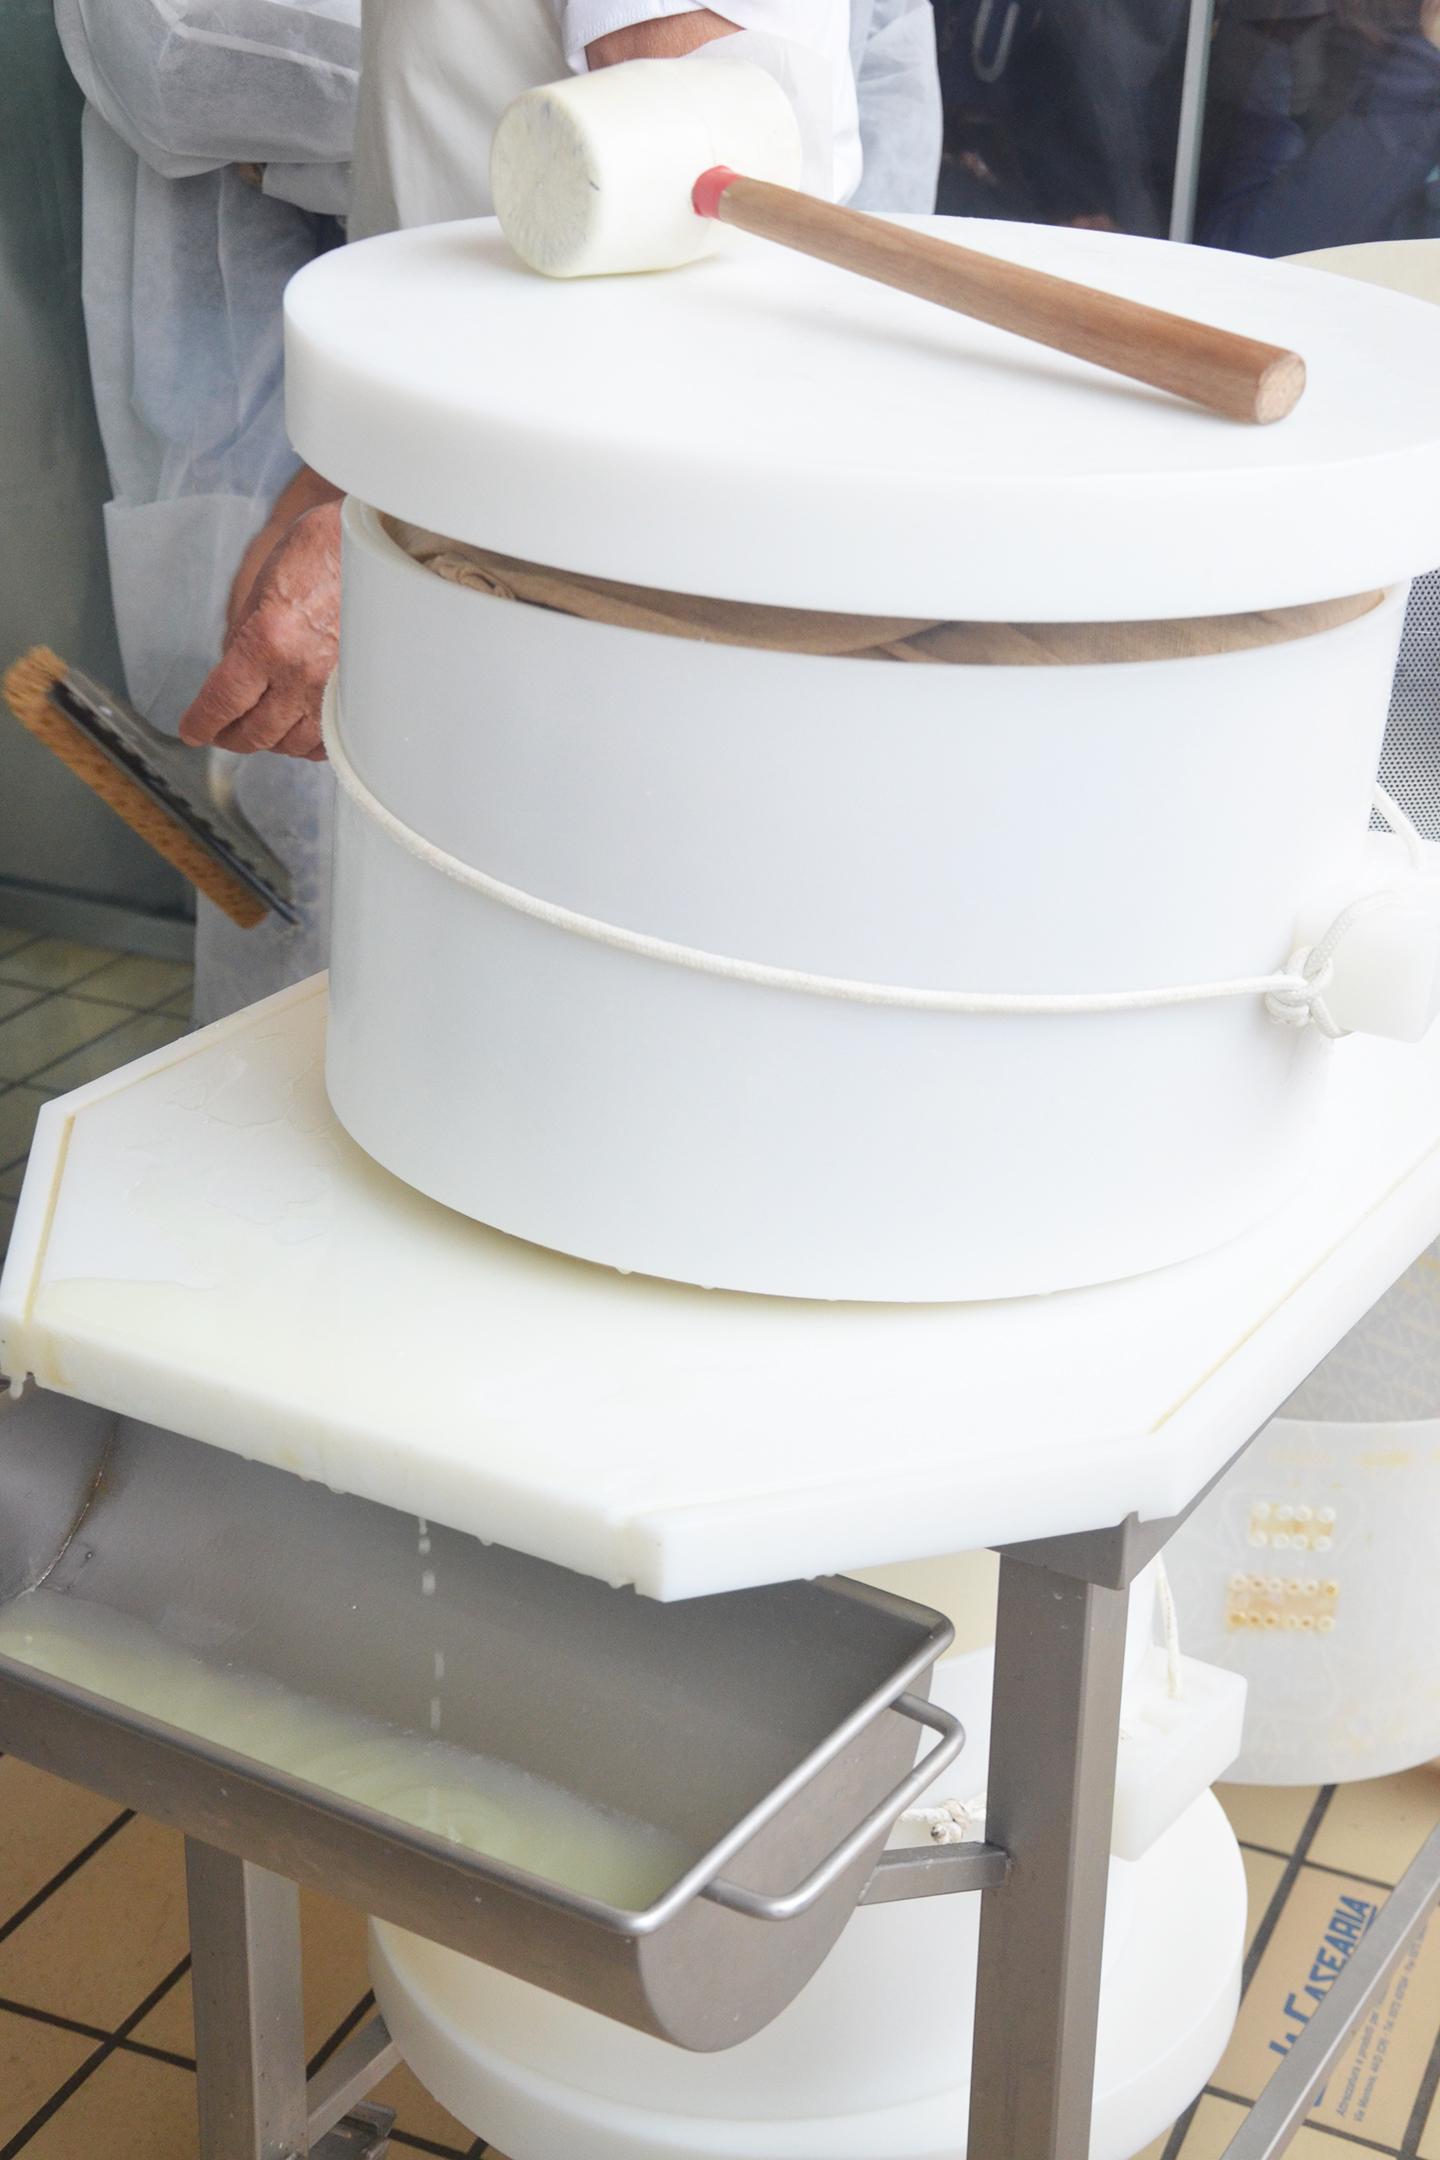 expo-grana-padano-milano-forme-lavorazione-dop-conservazione-cheese